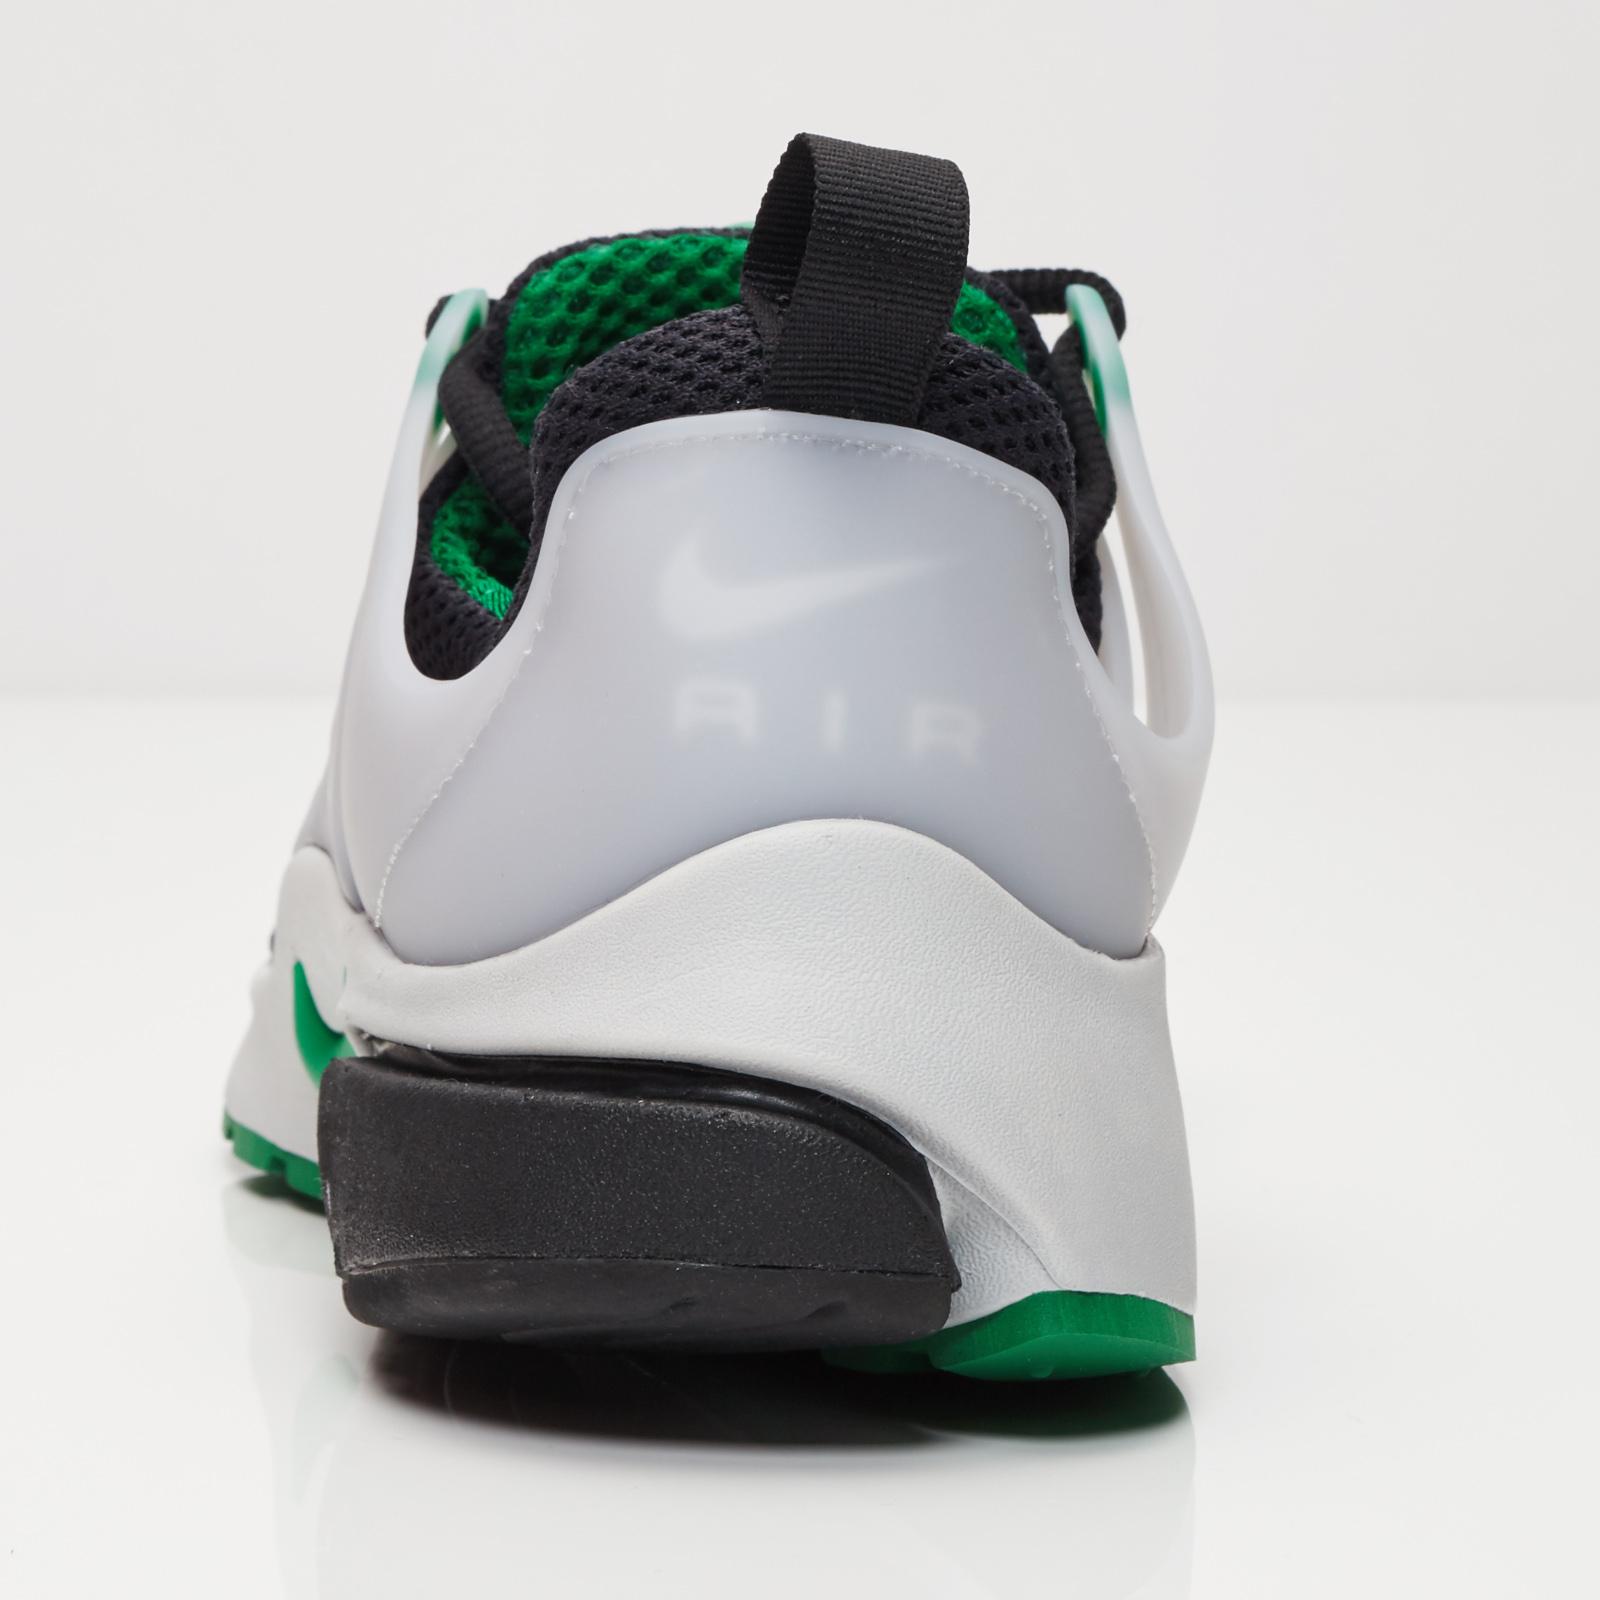 6dd1938ad2 Nike Air Presto Essential - 848187-003 - Sneakersnstuff | sneakers &  streetwear online since 1999